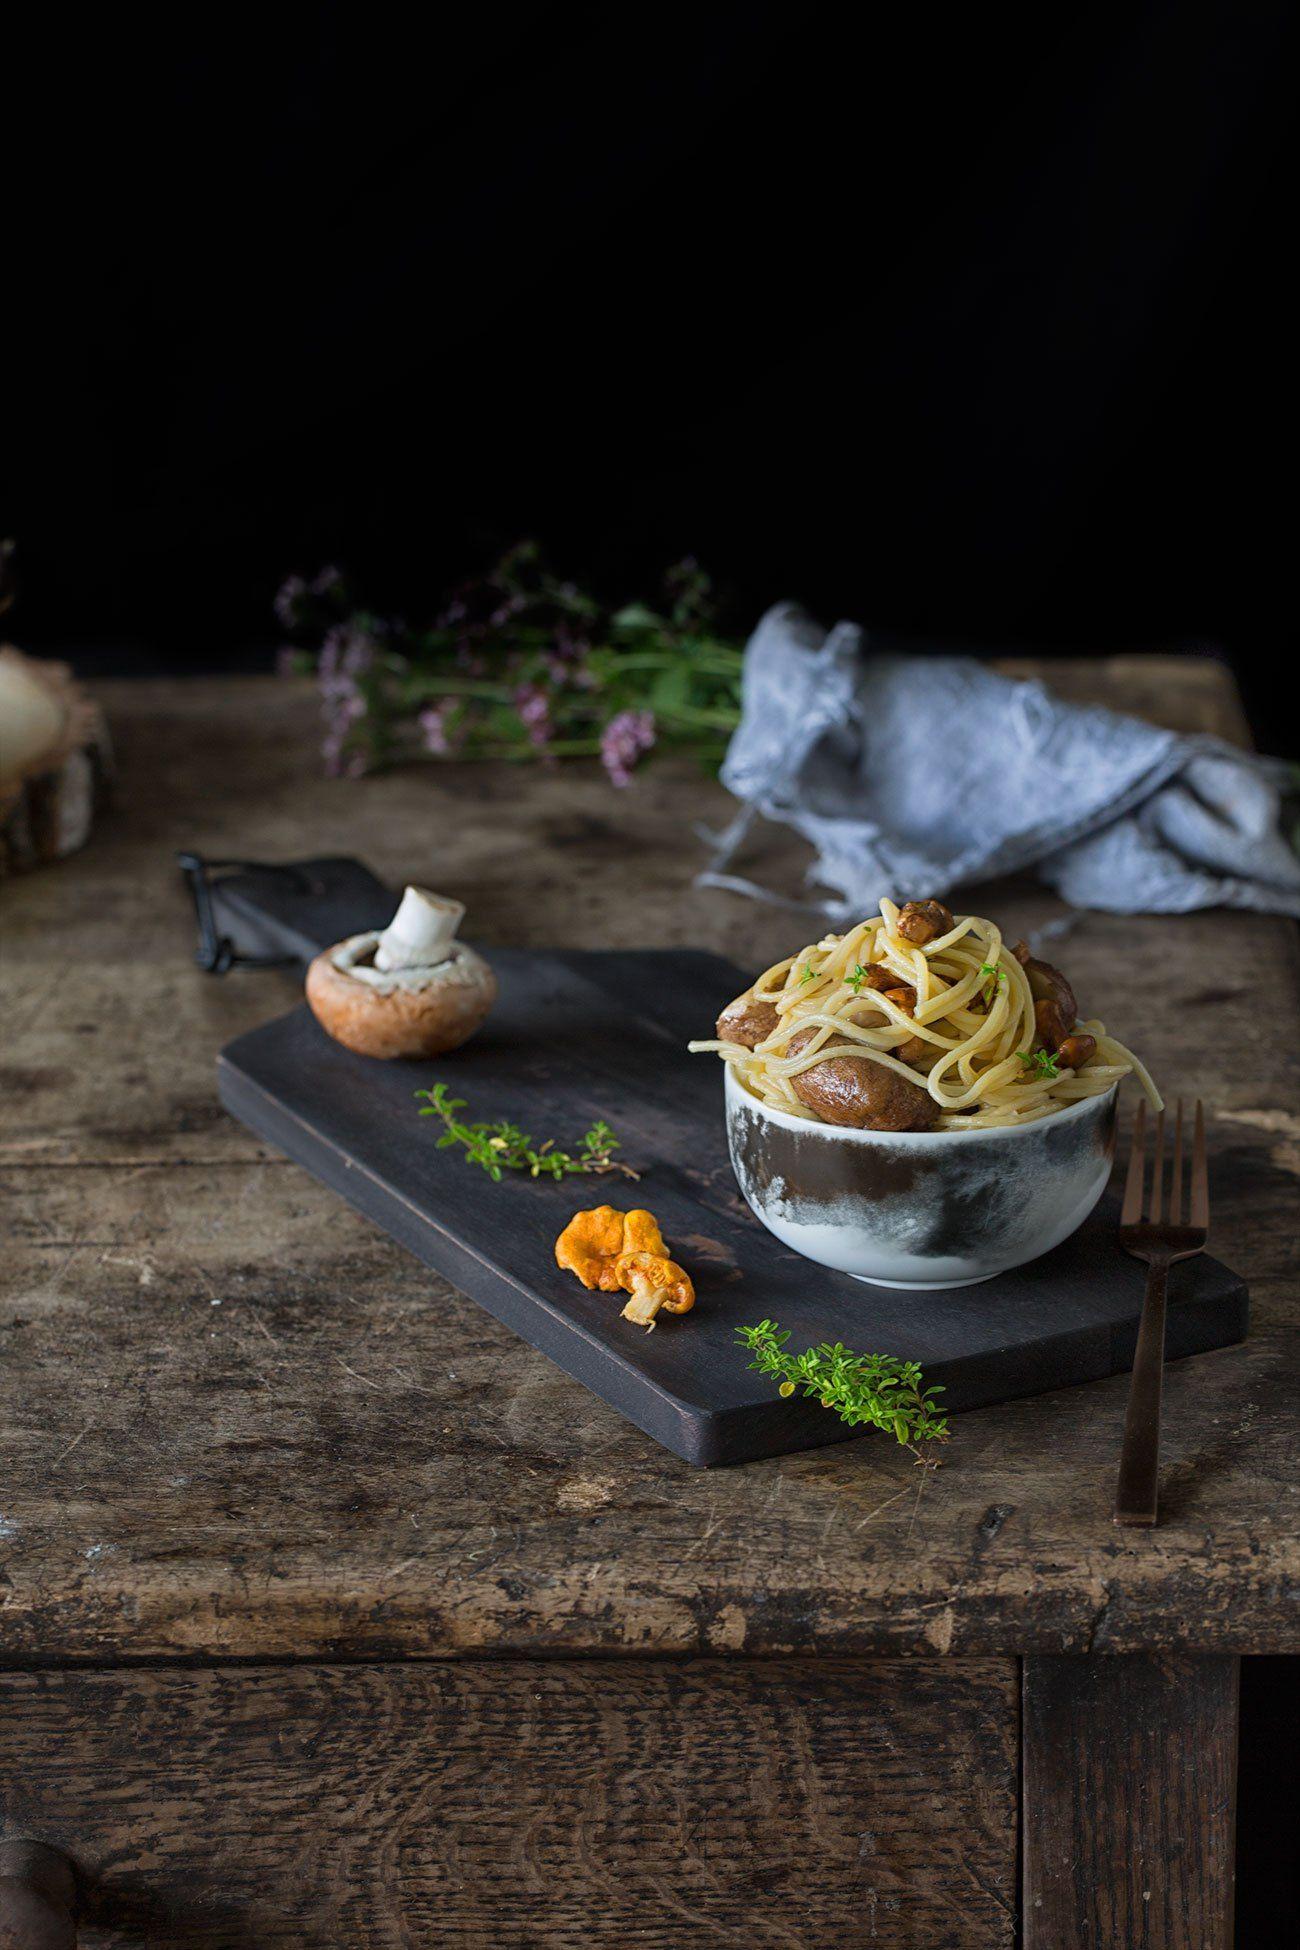 Spaghetti Aglio E Olio Mit Pilzen Rezept Mit Bildern